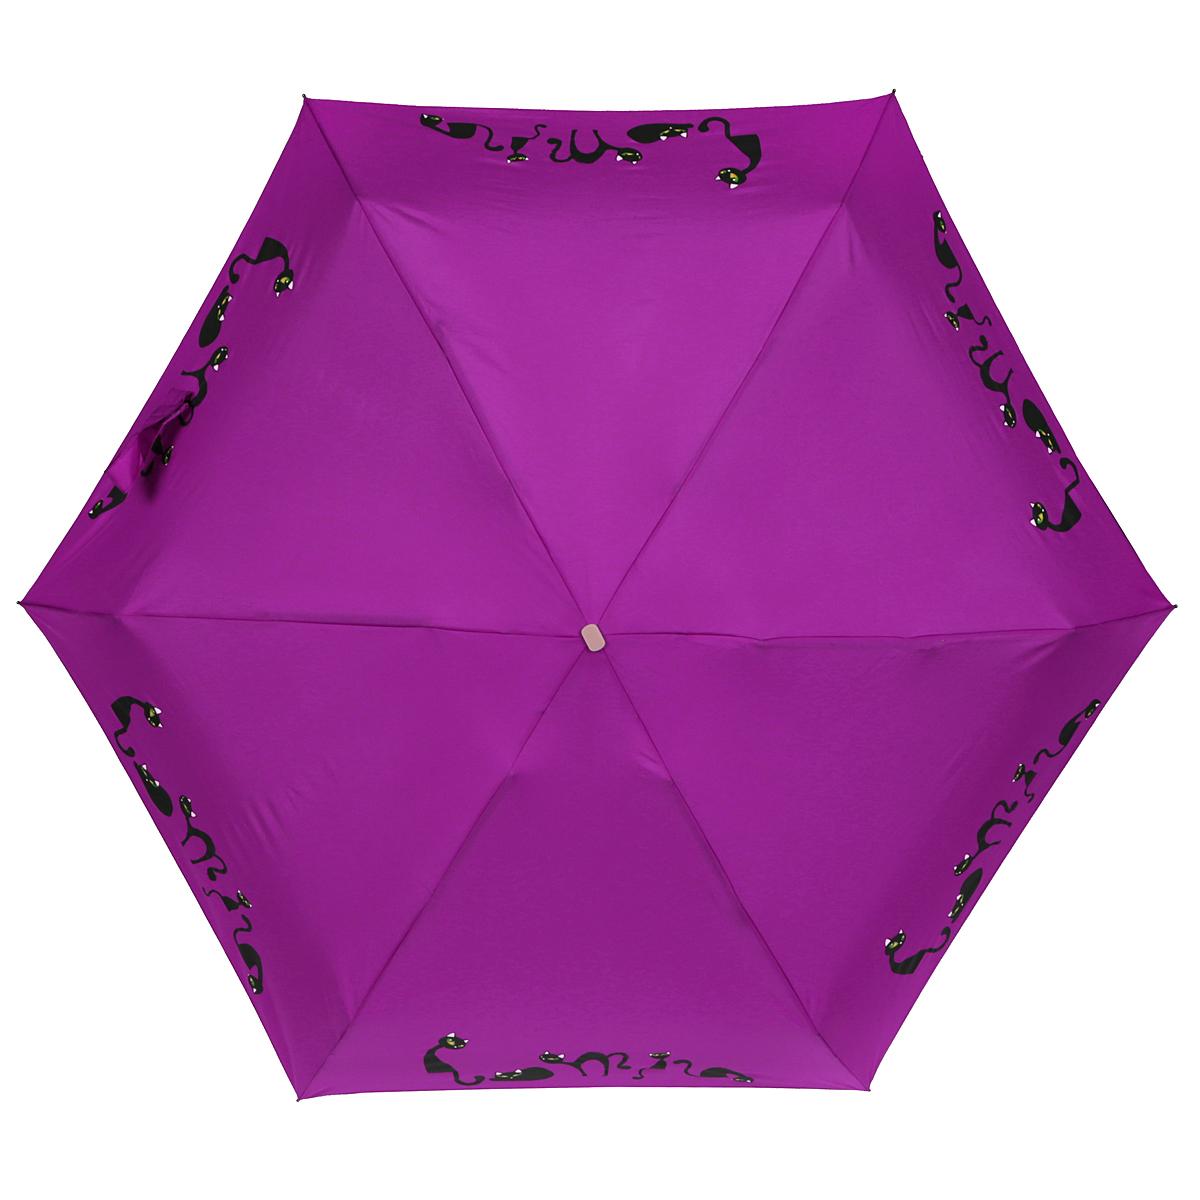 Зонт женский Zest, механический, 5 сложений, цвет: фиолетовый. 25569-102325569-1023Элегантный механический зонт Zest в 5 сложений изготовлен из высокопрочных материалов. Каркас зонта состоит из 6 спиц и прочного алюминиевого стержня. Специальная система Windproof защищает его от поломок во время сильных порывов ветра. Купол зонта выполнен из прочного полиэстера с водоотталкивающей пропиткой и оформлен изображением прелестных кошечек. Используемые высококачественные красители обеспечивают длительное сохранение свойств ткани купола. Рукоятка, разработанная с учетом требований эргономики, выполнена из пластика. Зонт механического сложения: купол открывается и закрывается вручную до характерного щелчка. Небольшой шнурок, расположенный на рукоятке, позволяет надеть изделие на руку при необходимости. Модель закрывается при помощи хлястика на застежку-липучку. К зонту прилагается чехол. Очаровательный зонт не только выручит вас в ненастную погоду, но и станет стильным аксессуаром, который прекрасно дополнит ваш модный образ.